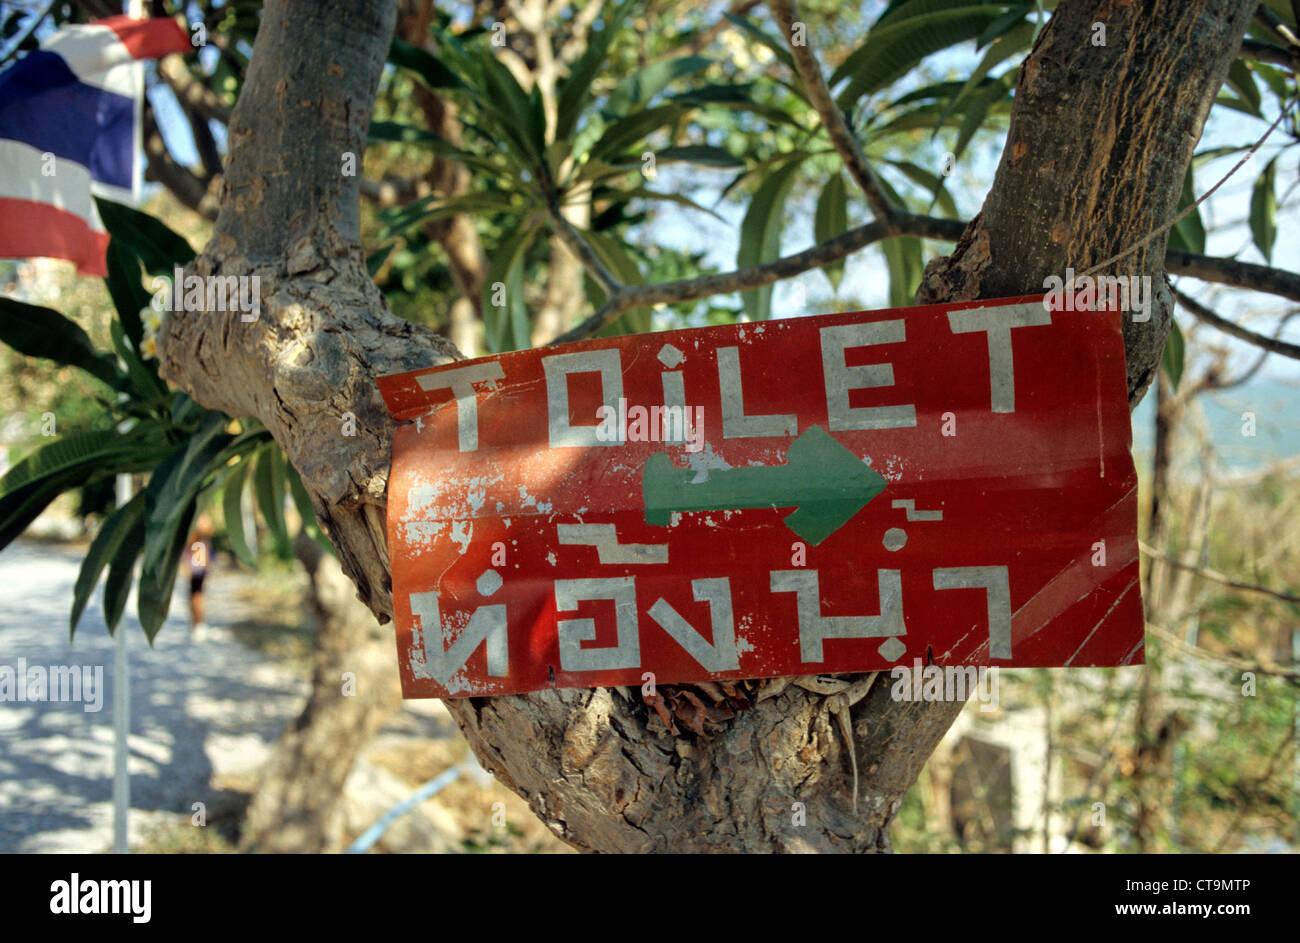 Tailandia, el sign-on un árbol-wc Foto de stock